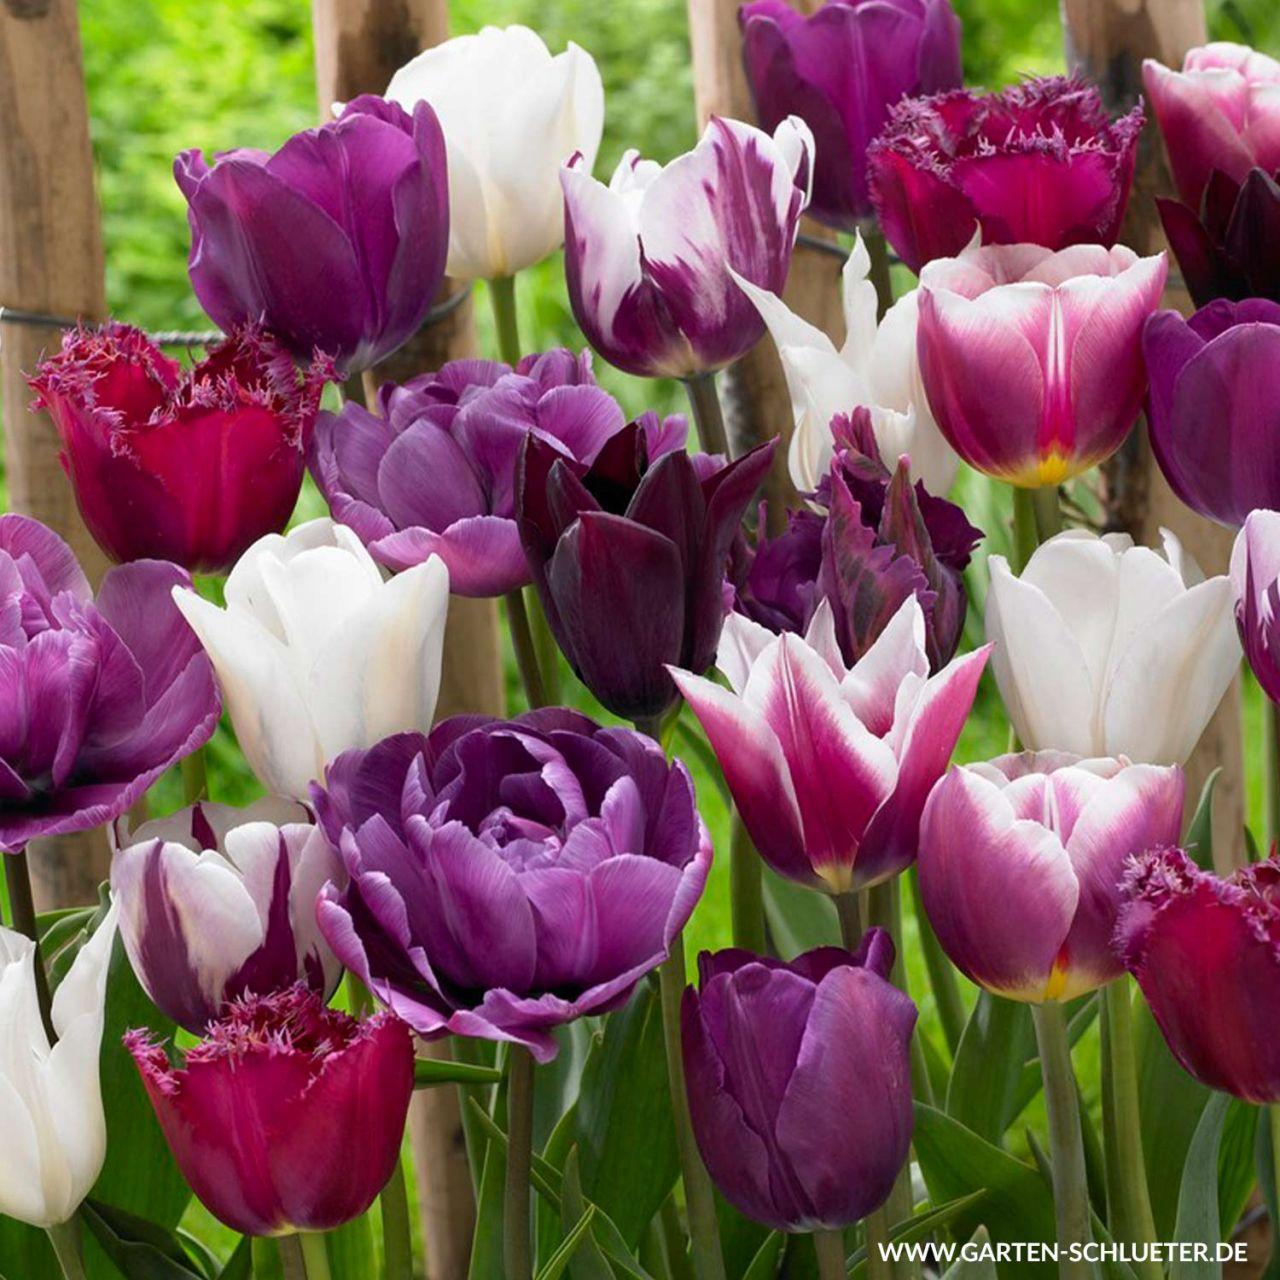 Tulpen-Mischung 'Blueberry' - 15 Stück